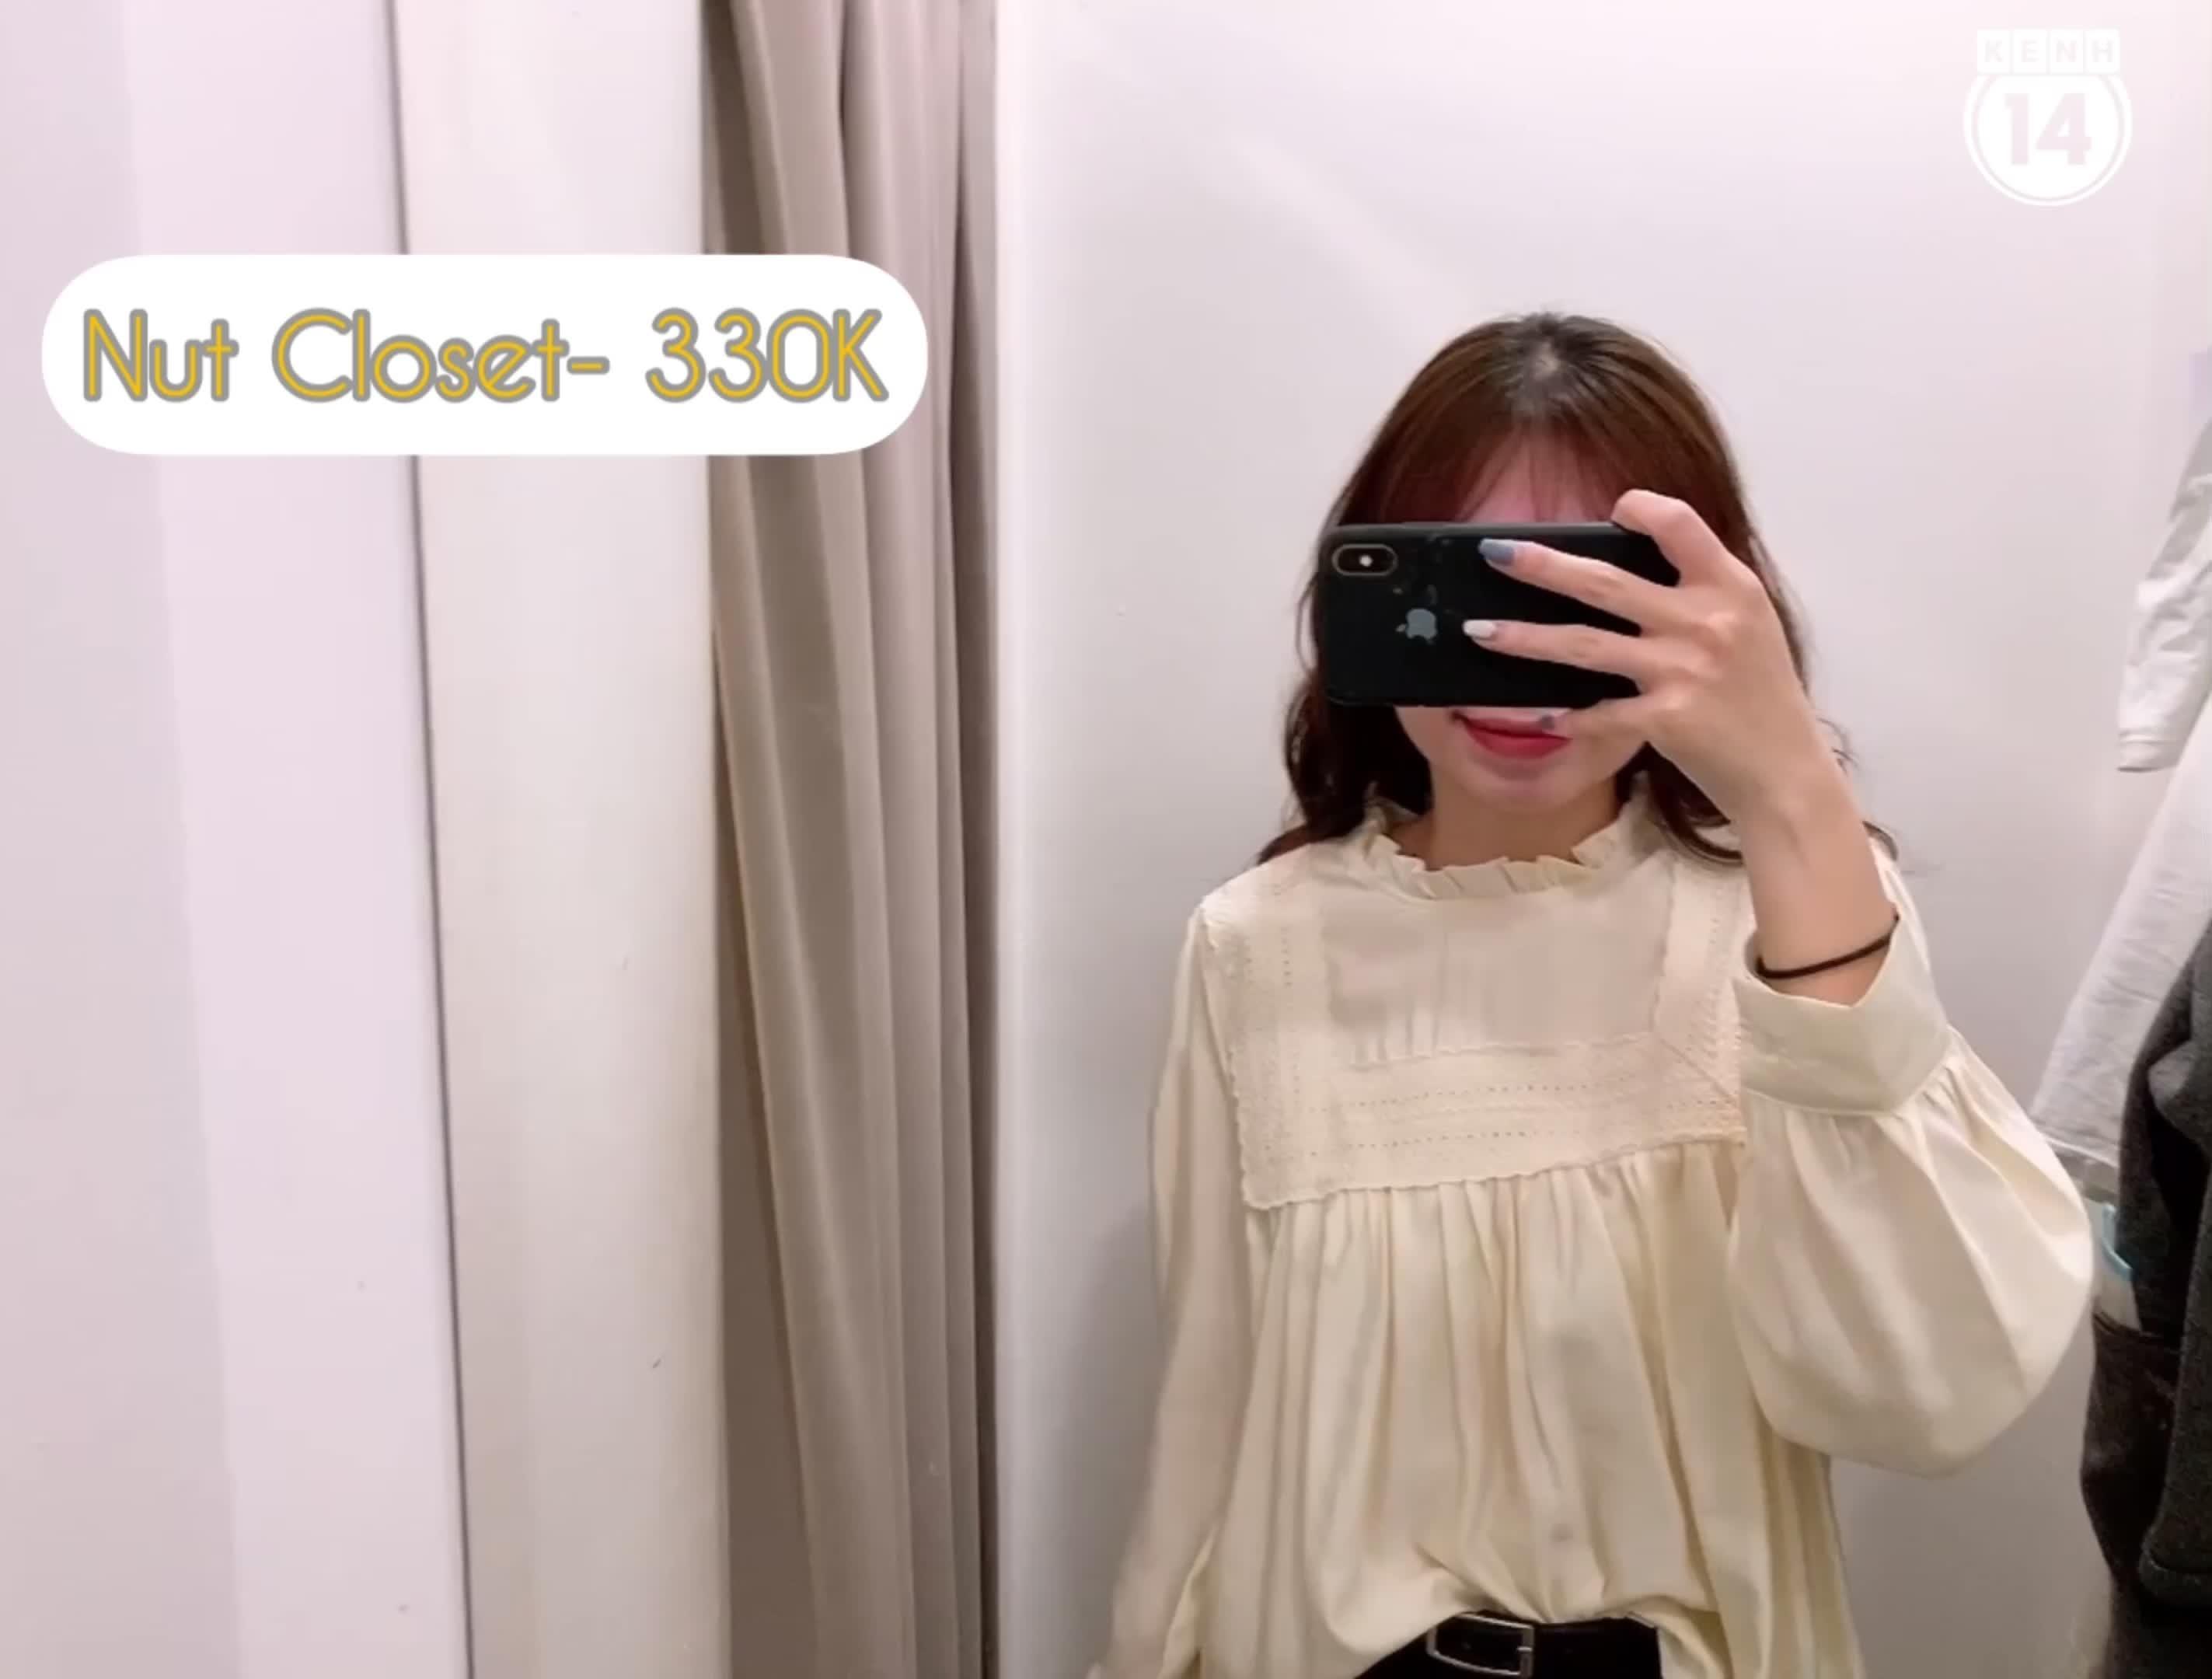 Hà Nội: Ghé các shop tìm áo blouse bánh bèo mặc lên auto xinh giá chỉ từ 230K